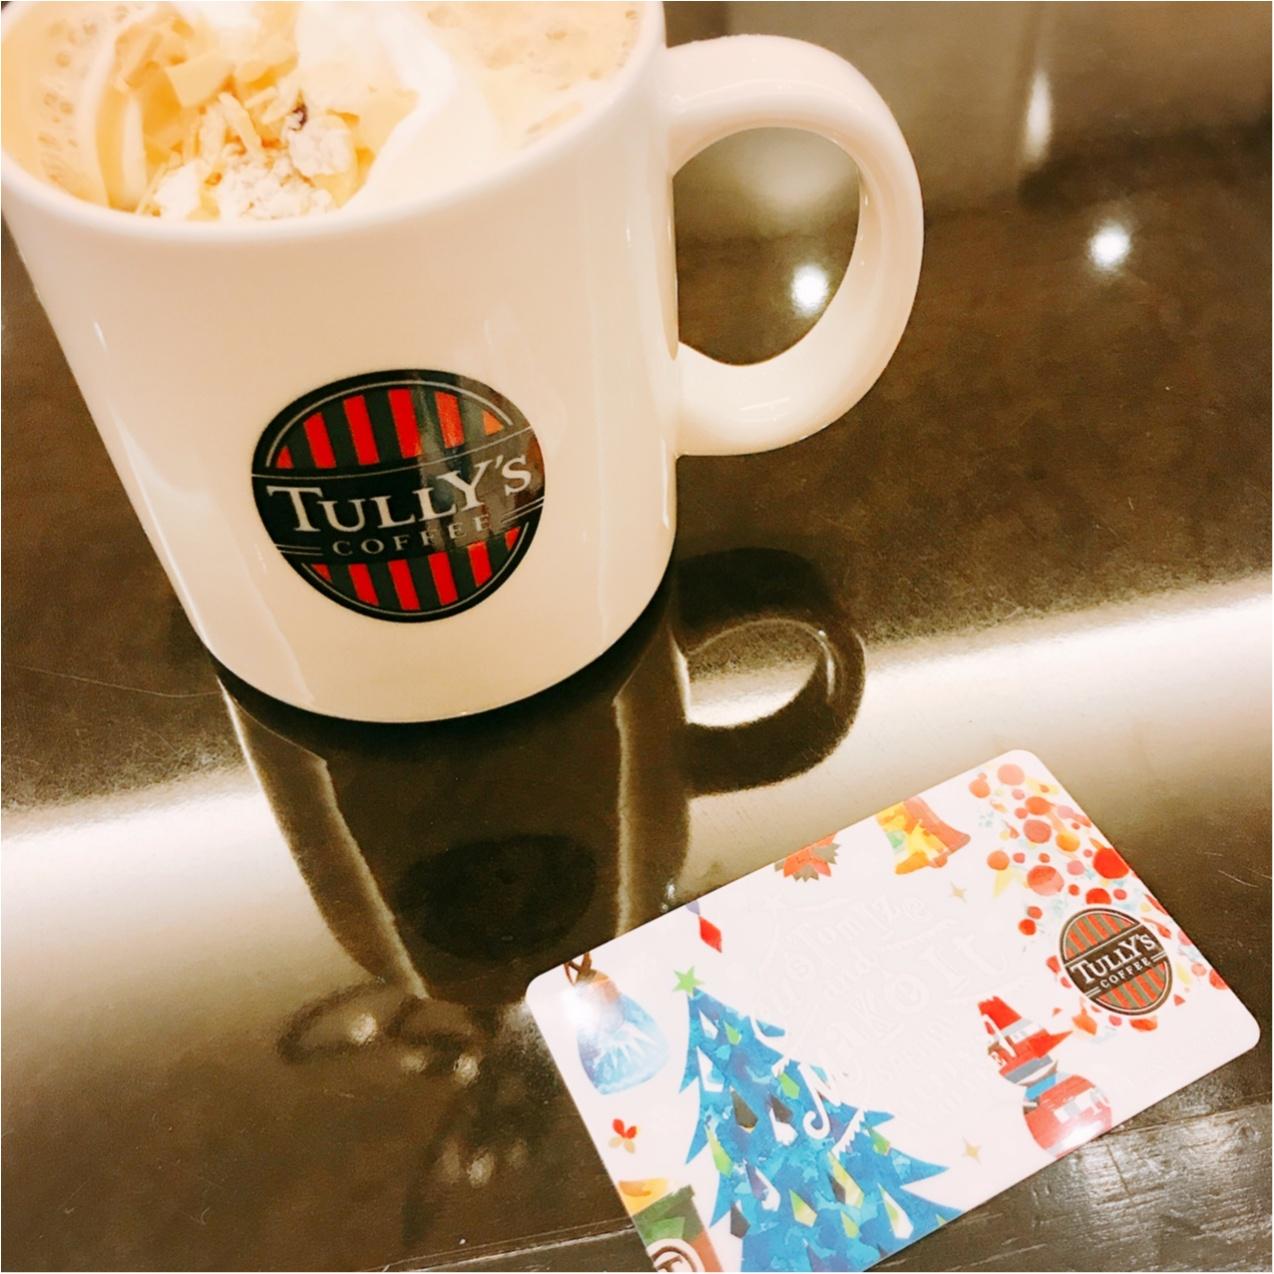 もらって嬉しい♪ クリスマス限定デザインの【タリーズカード】♡_3